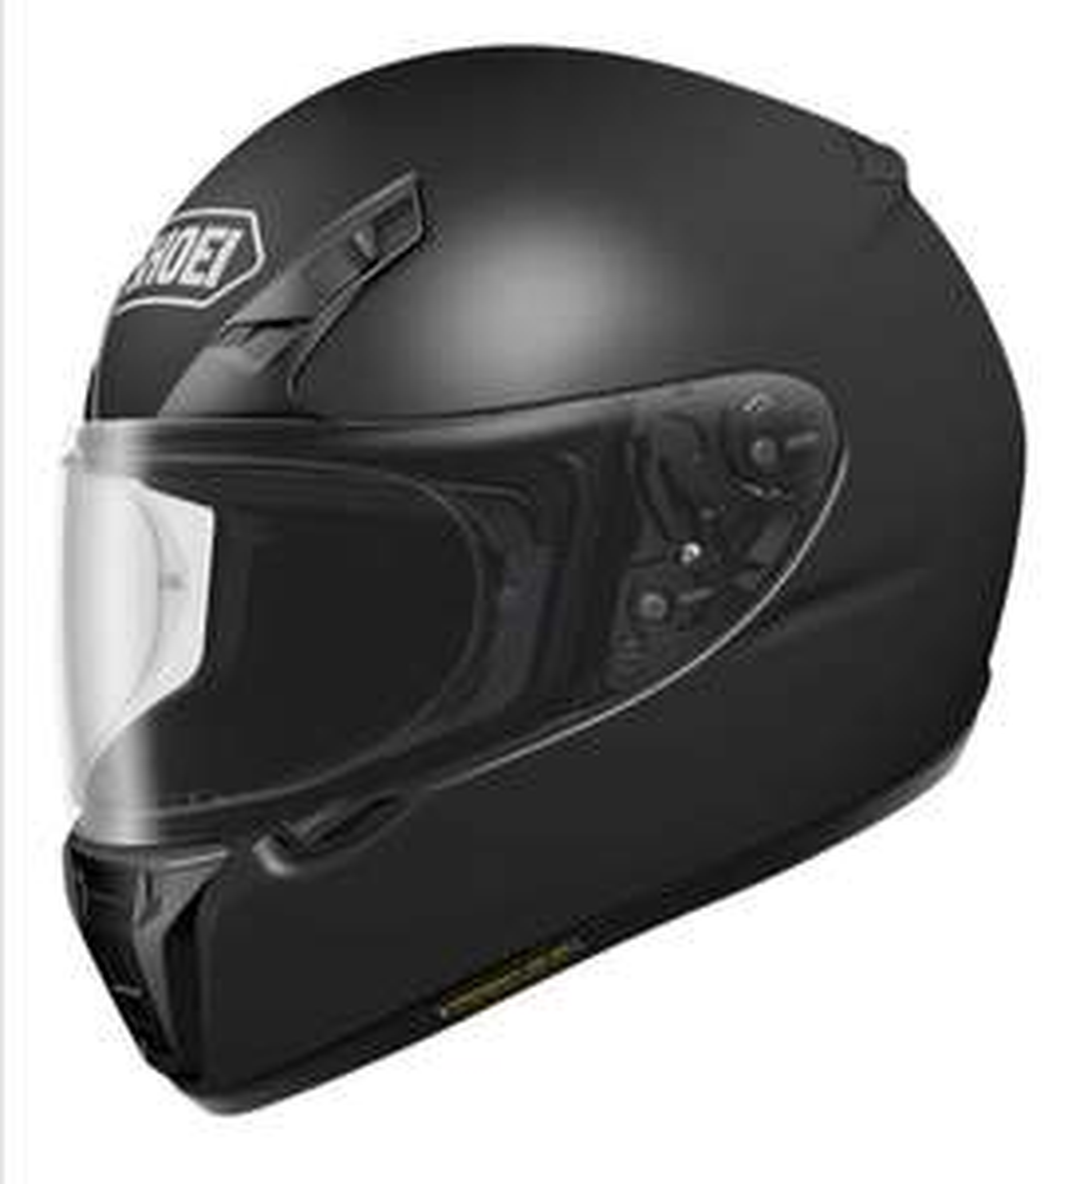 [FC MOTO] Motorrad 10% auf alles, auch reduzierte Artikel wie Shoei RYD